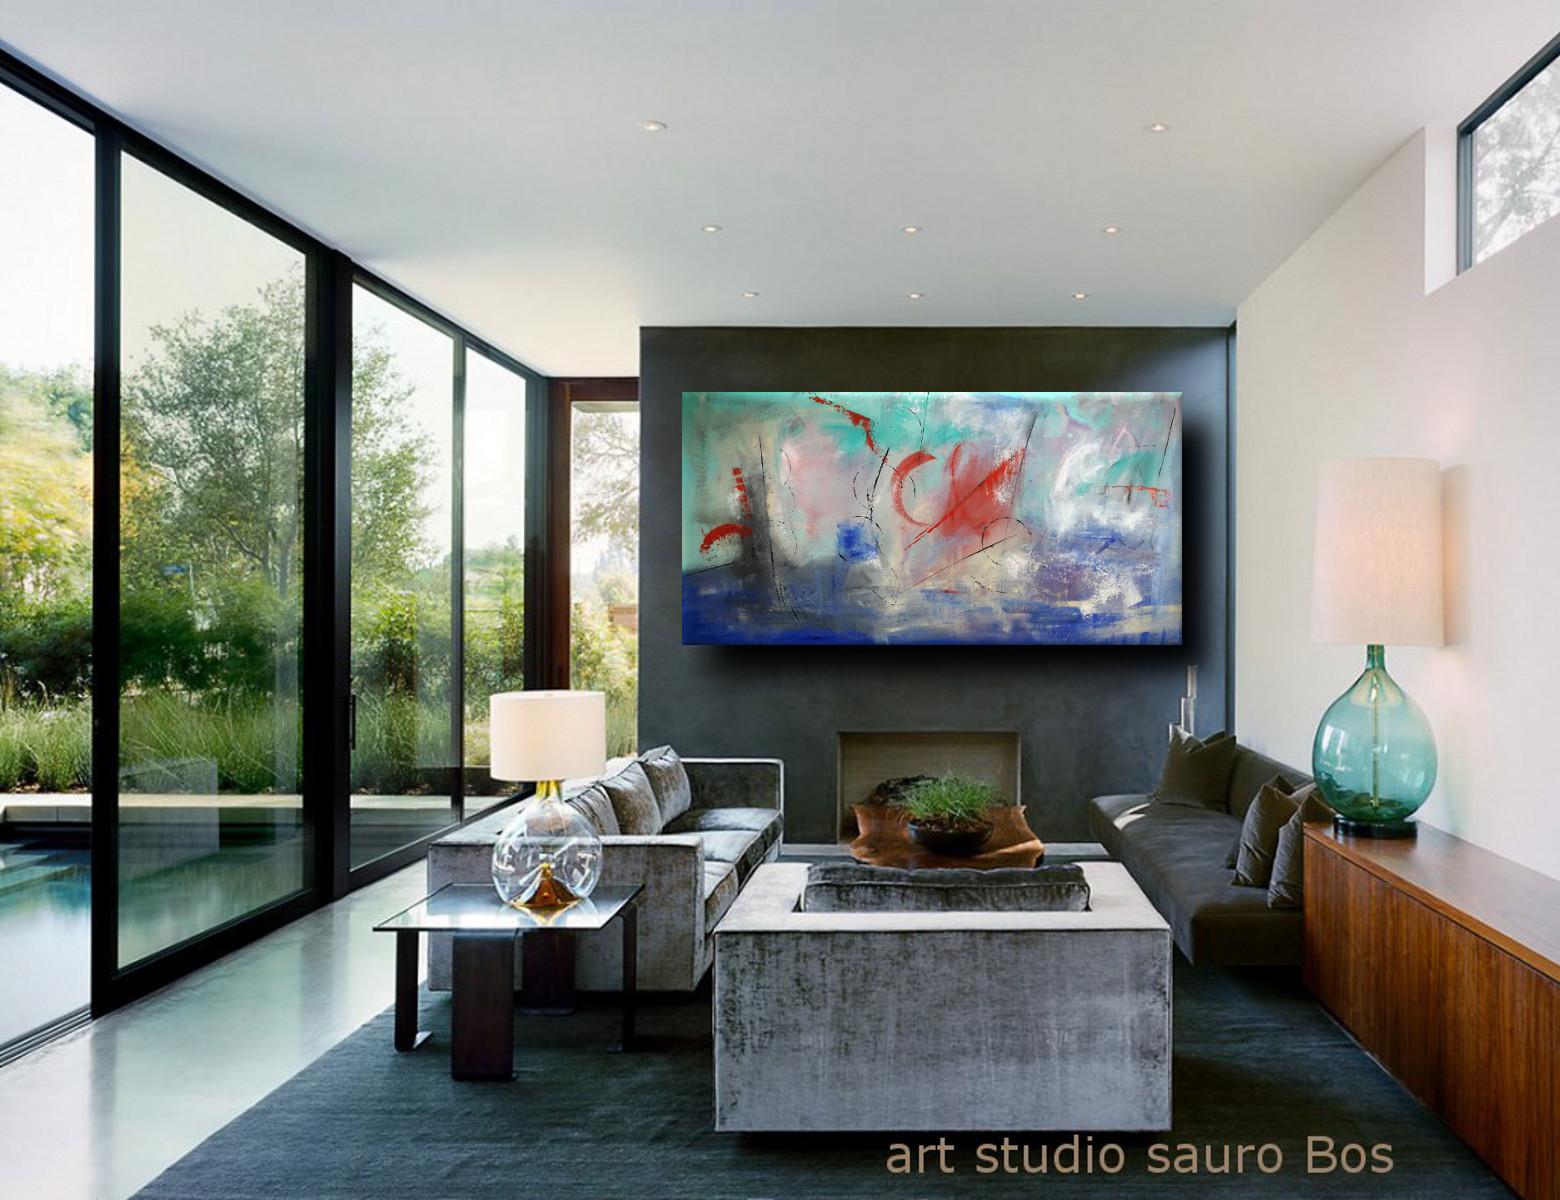 quadri moderni su tela offshore 2 - quadri astratti per arredamento moderno xxl -200x100